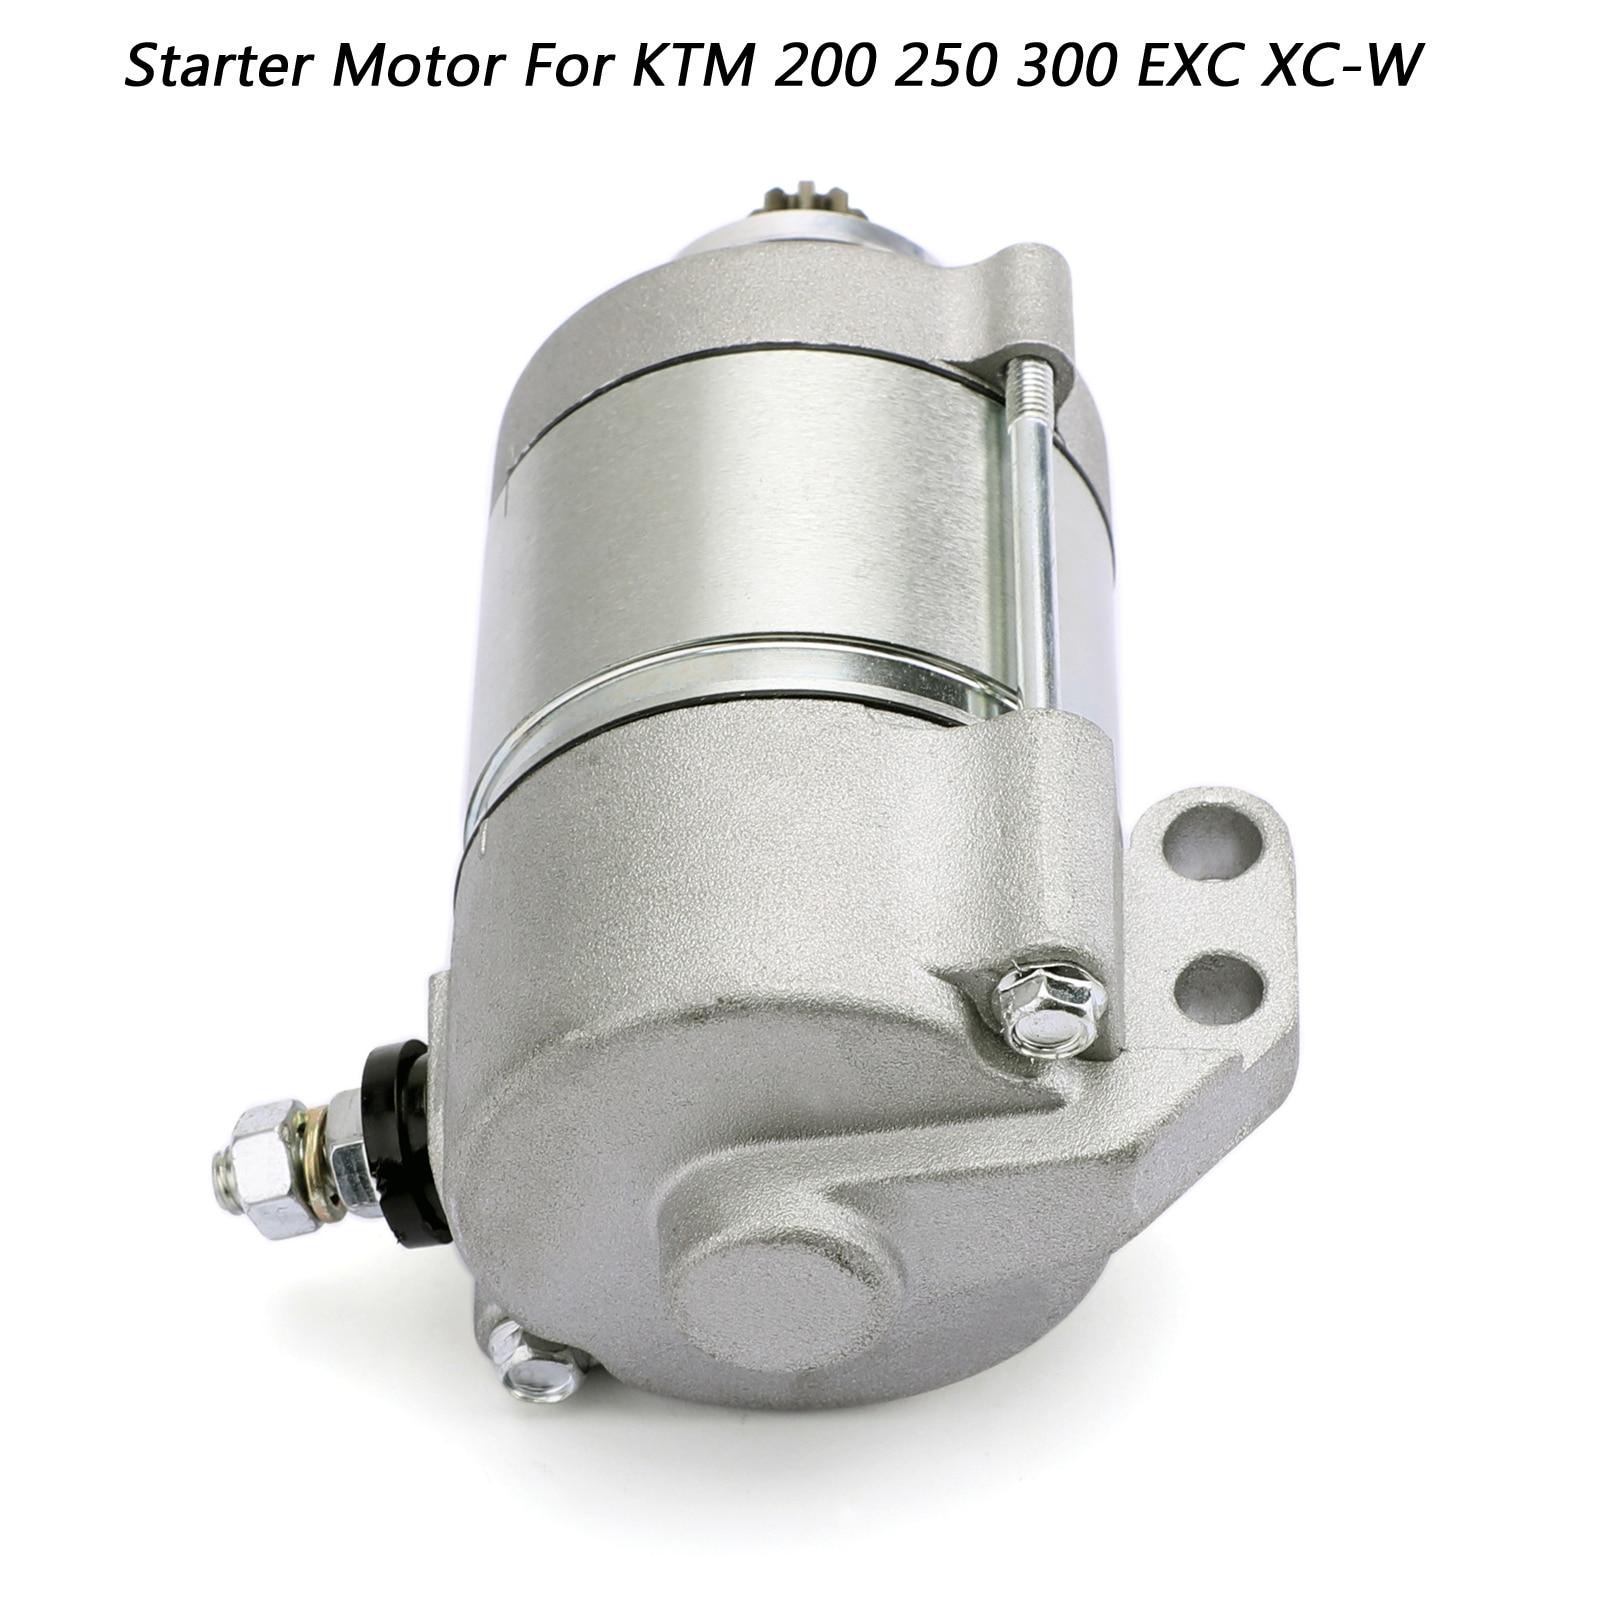 12V 410W Start motor  Starter Motor 55140001100 55140001000 For KTM 200 250 300 XC-W EXC EXC-E XC 2008-2012 2009